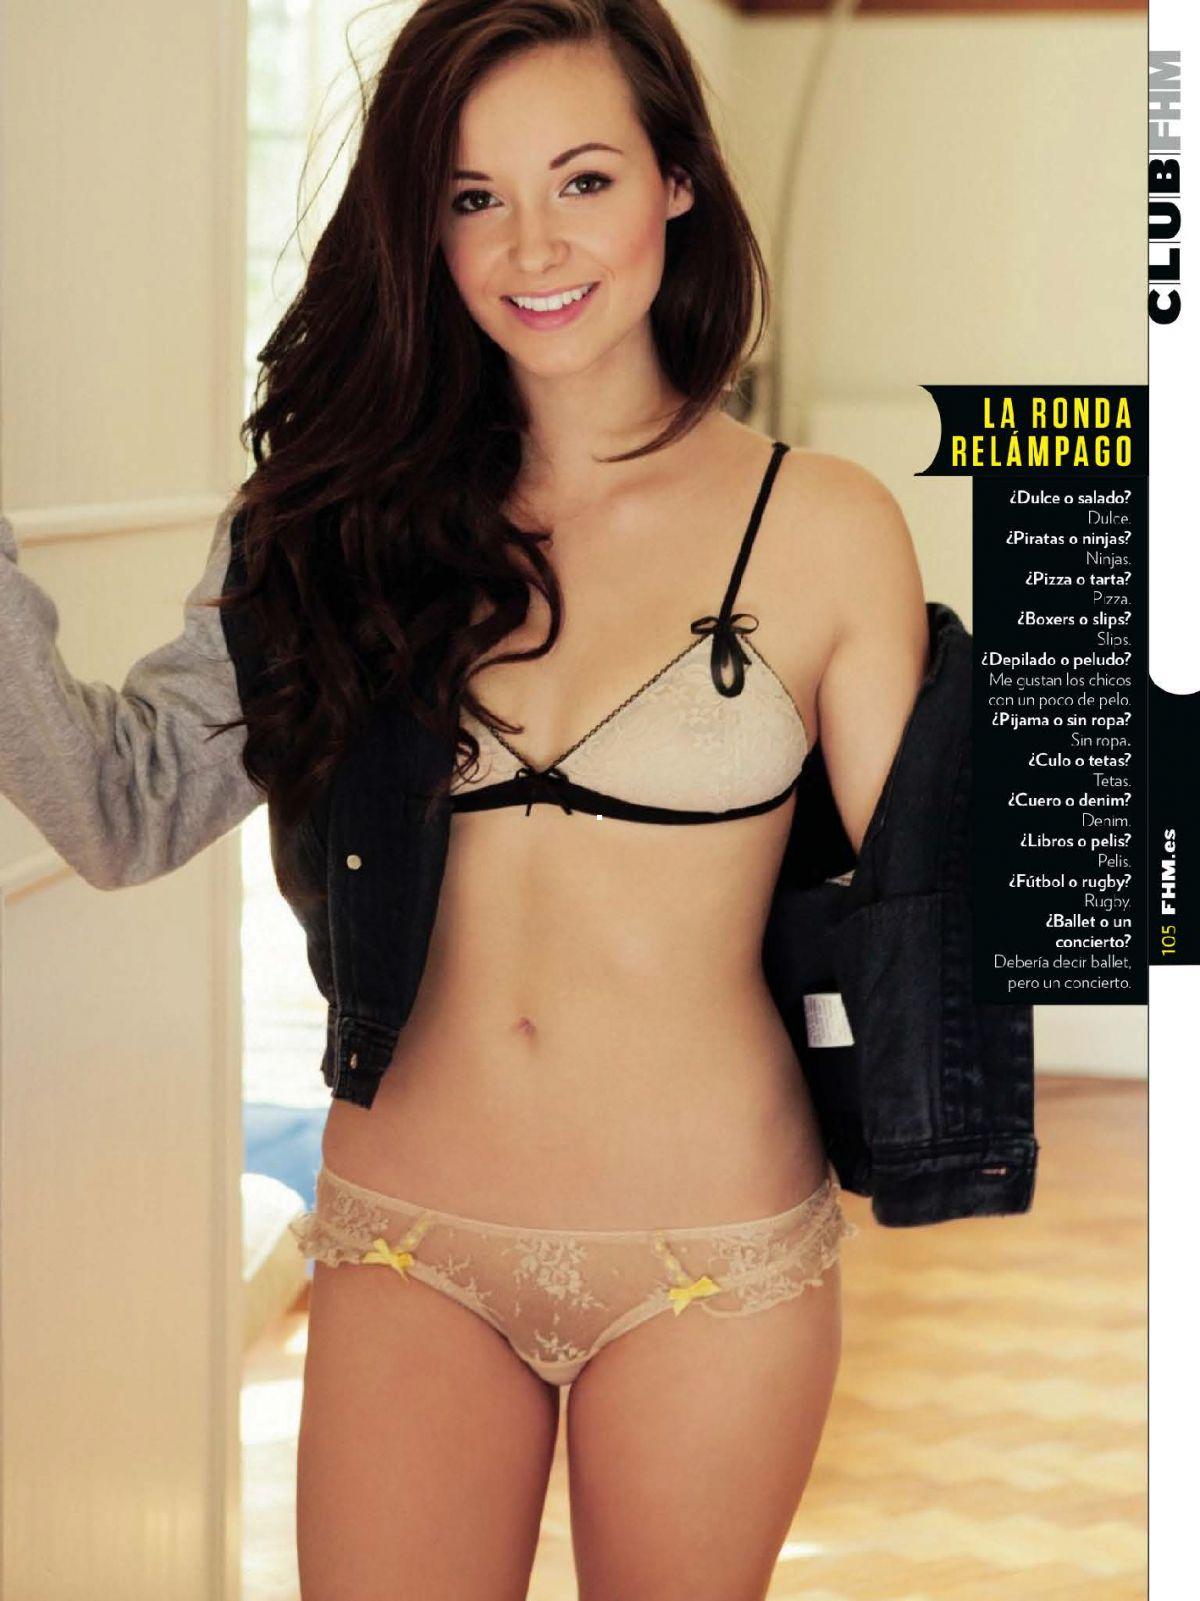 LAUREN LORETTA in FHM Magazine, Spain February 2014 Issue